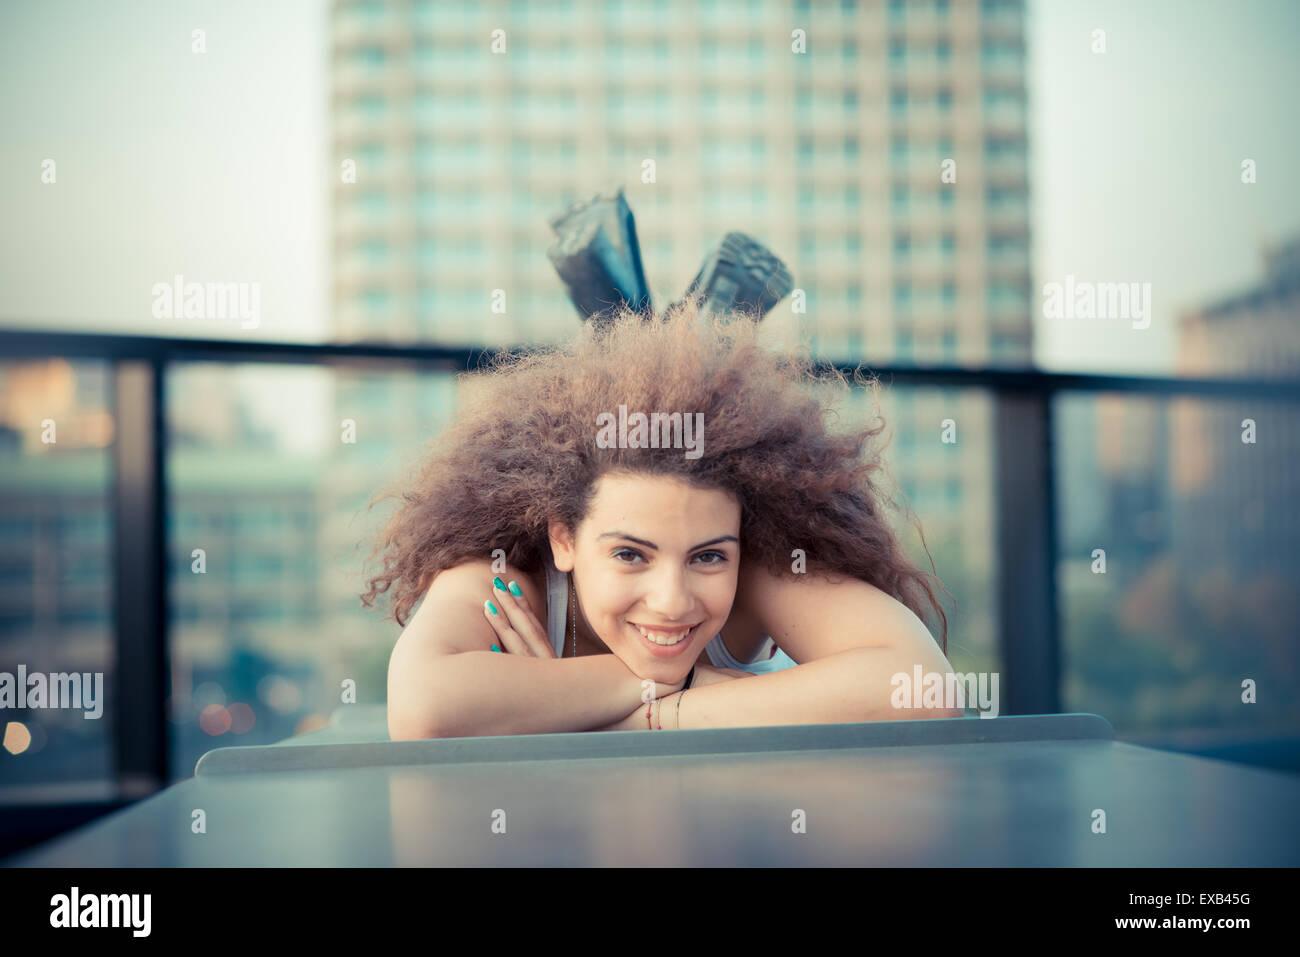 Hermosa joven de largo cabello rizado hipster mujer en la ciudad Imagen De Stock